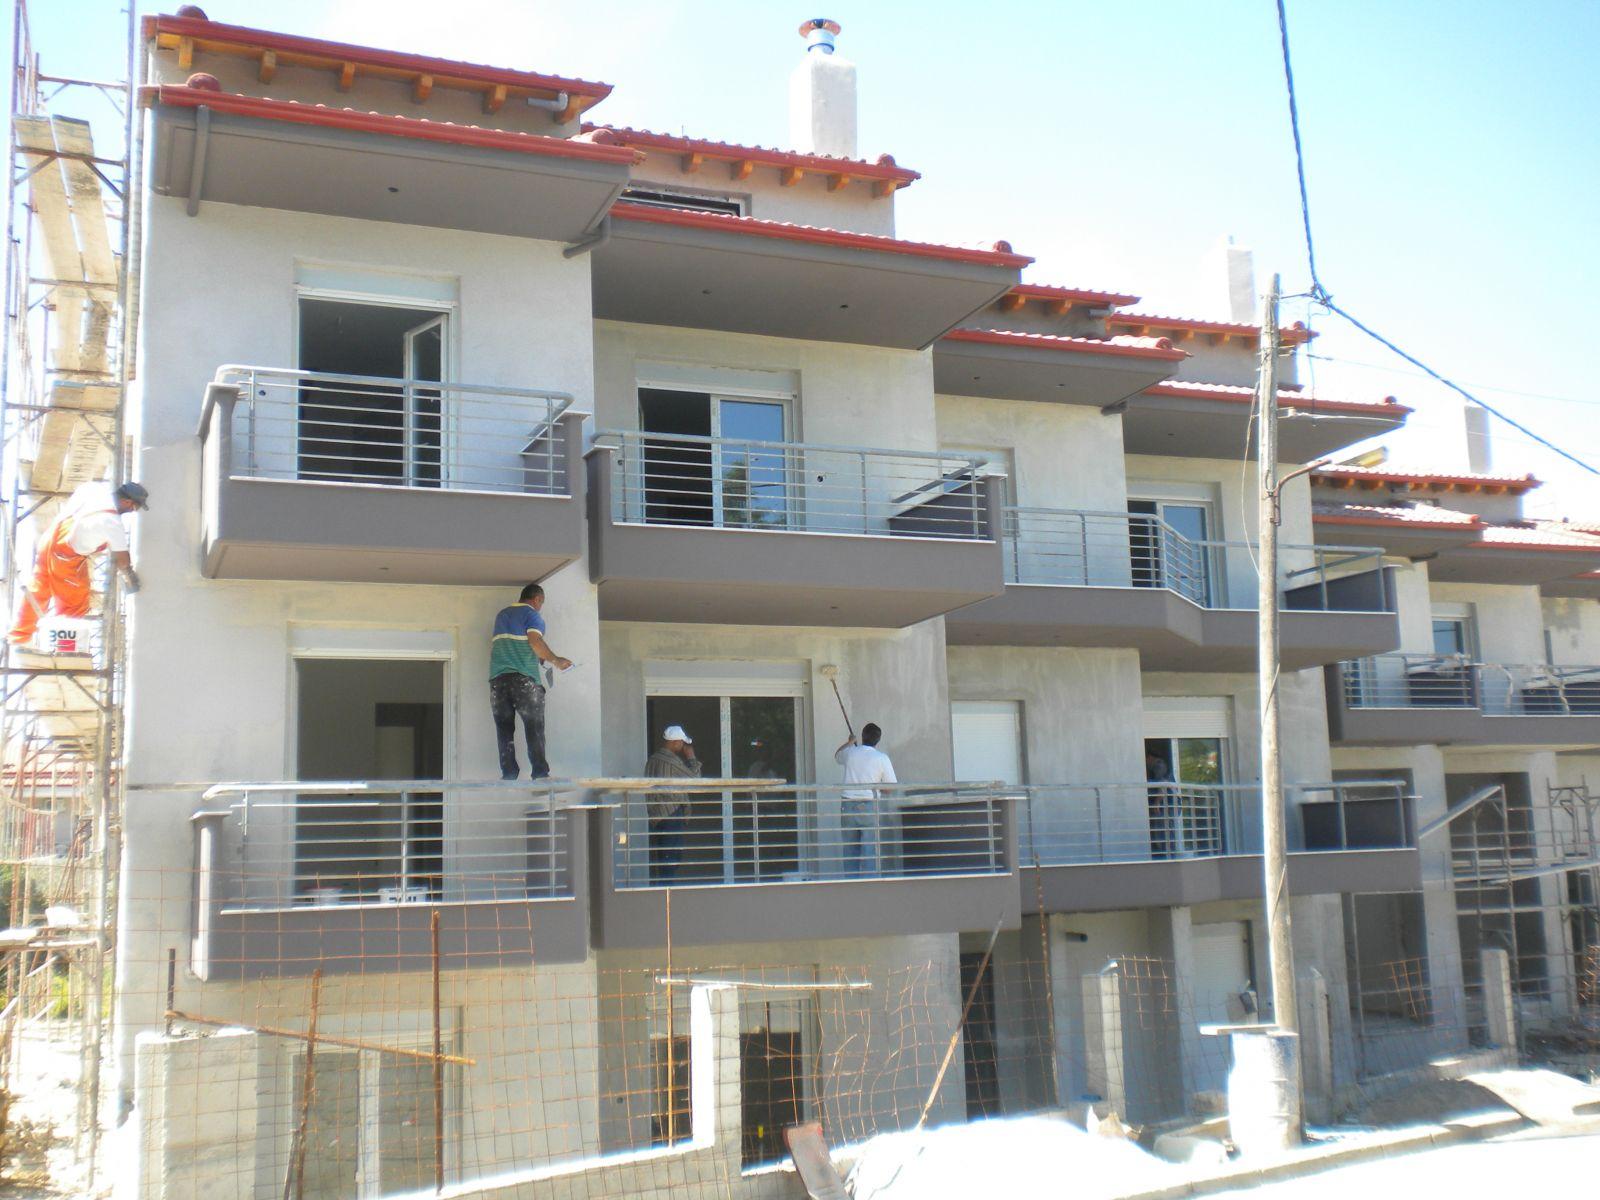 Εξωτερική θερμοπρόσοψη με θερμοσοβά Tektoterm σε συκγρότημα κατοικιών στην Ν. Ευκαρπία-Θεσσαλονίκης επιφάνειας 4.0000sqm